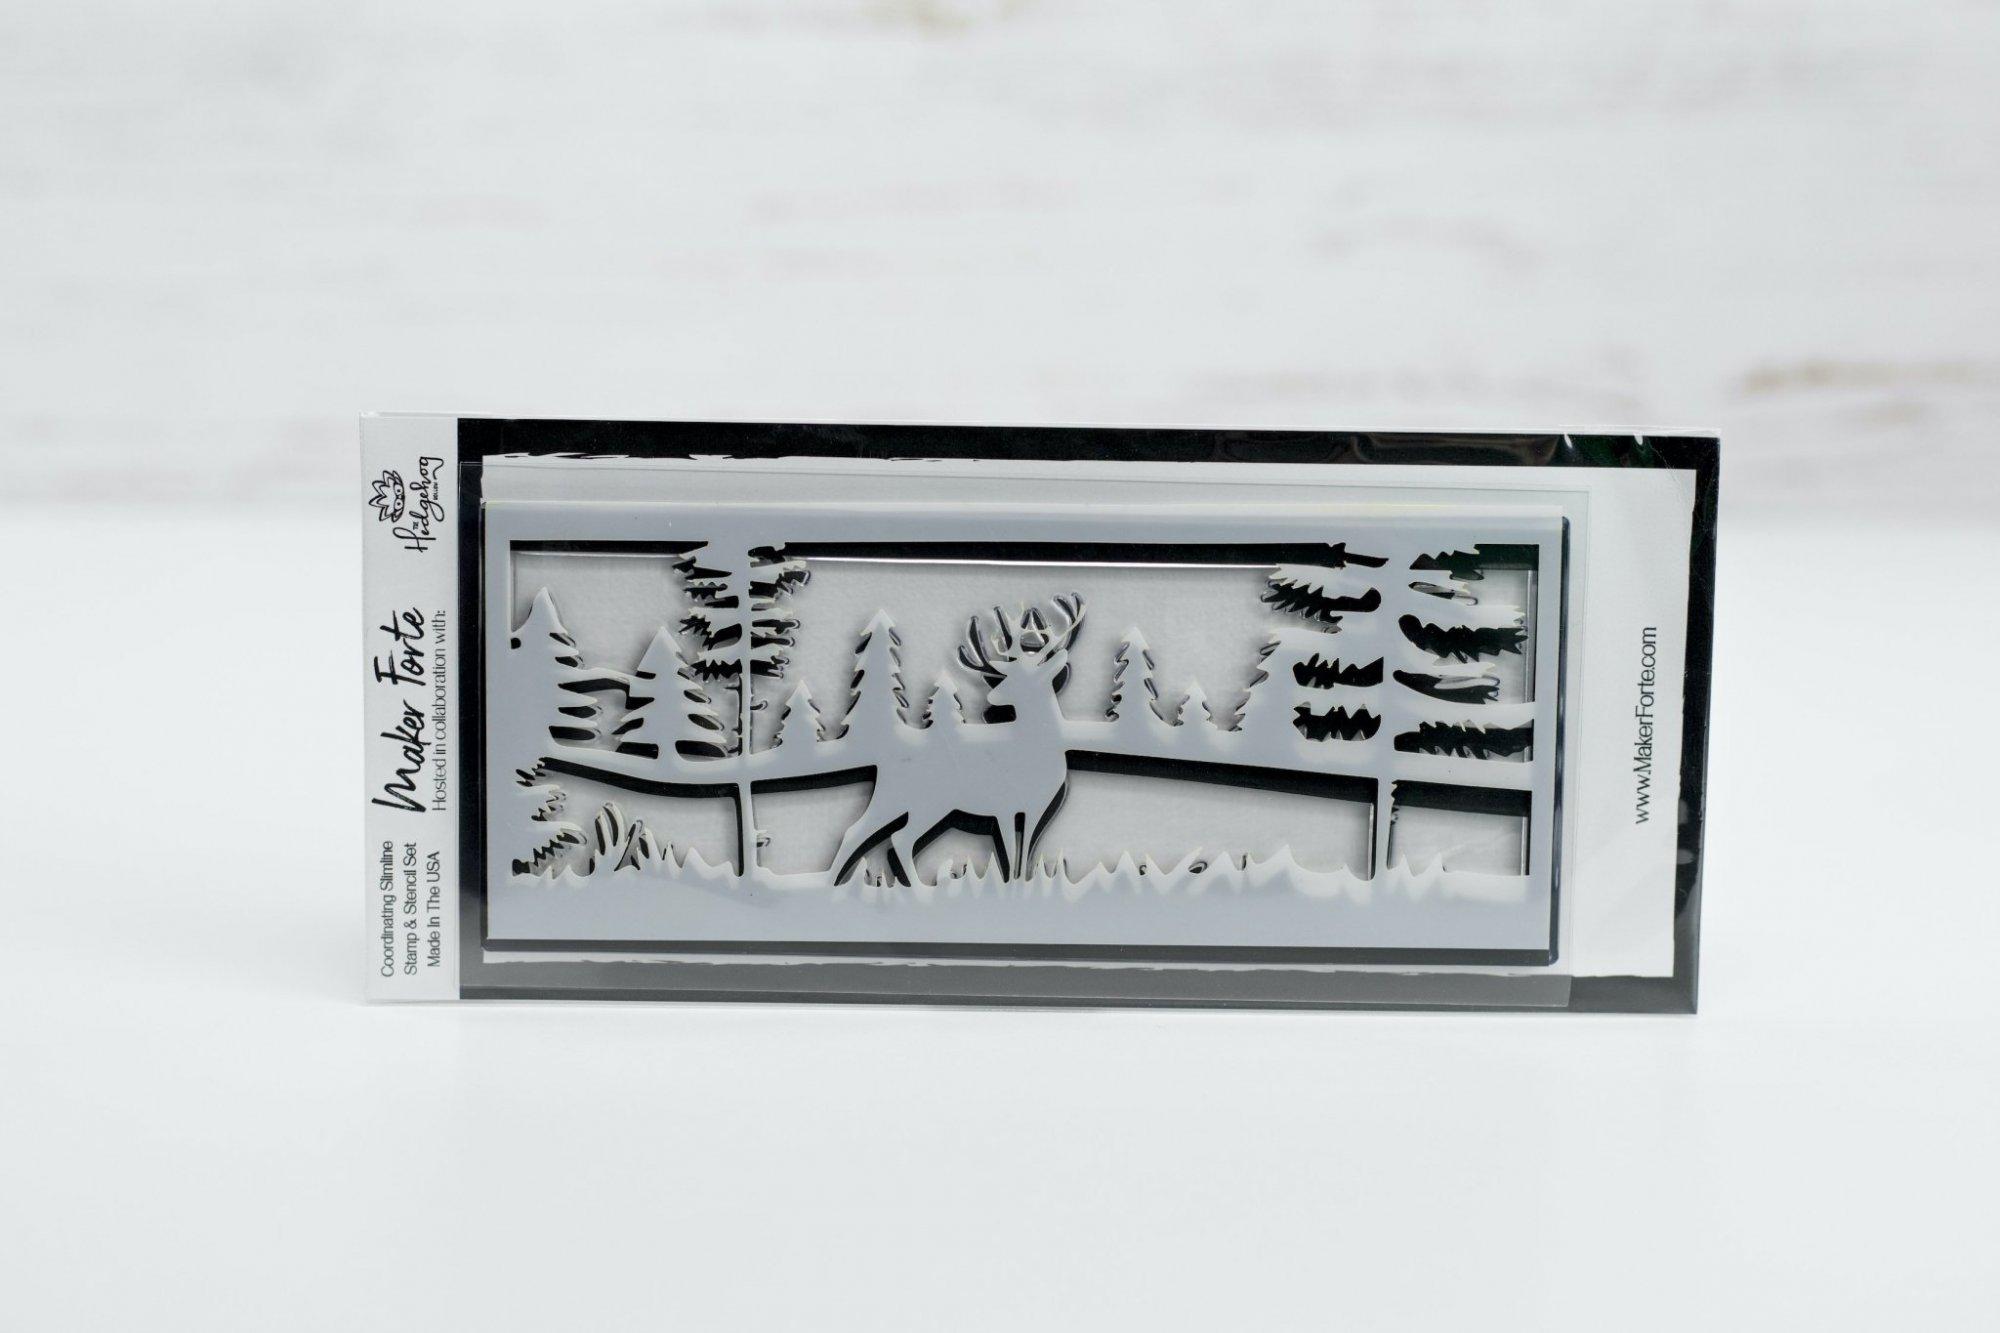 Hedgehog Hollow - Deer to Me Scene - Stamp/Stencil Set